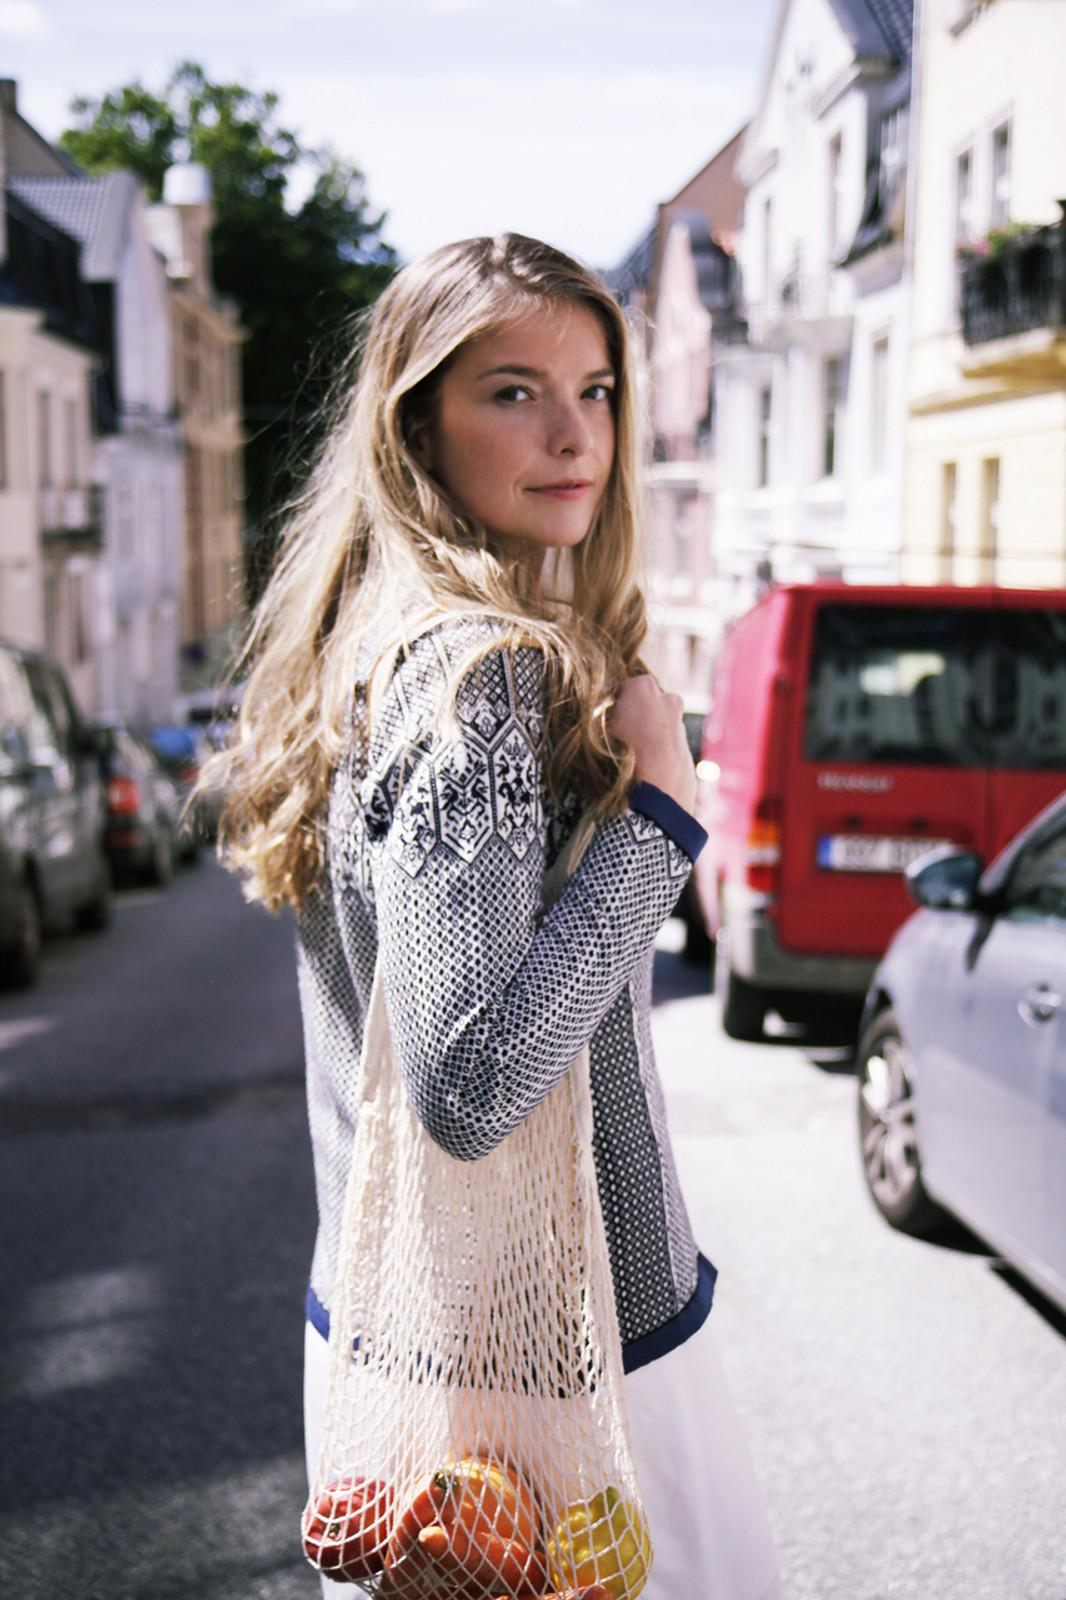 Model walking downtown wearing Dale of Norway Sigrid ladies cardigan in Navy/Off White/Indigo, 82071-C